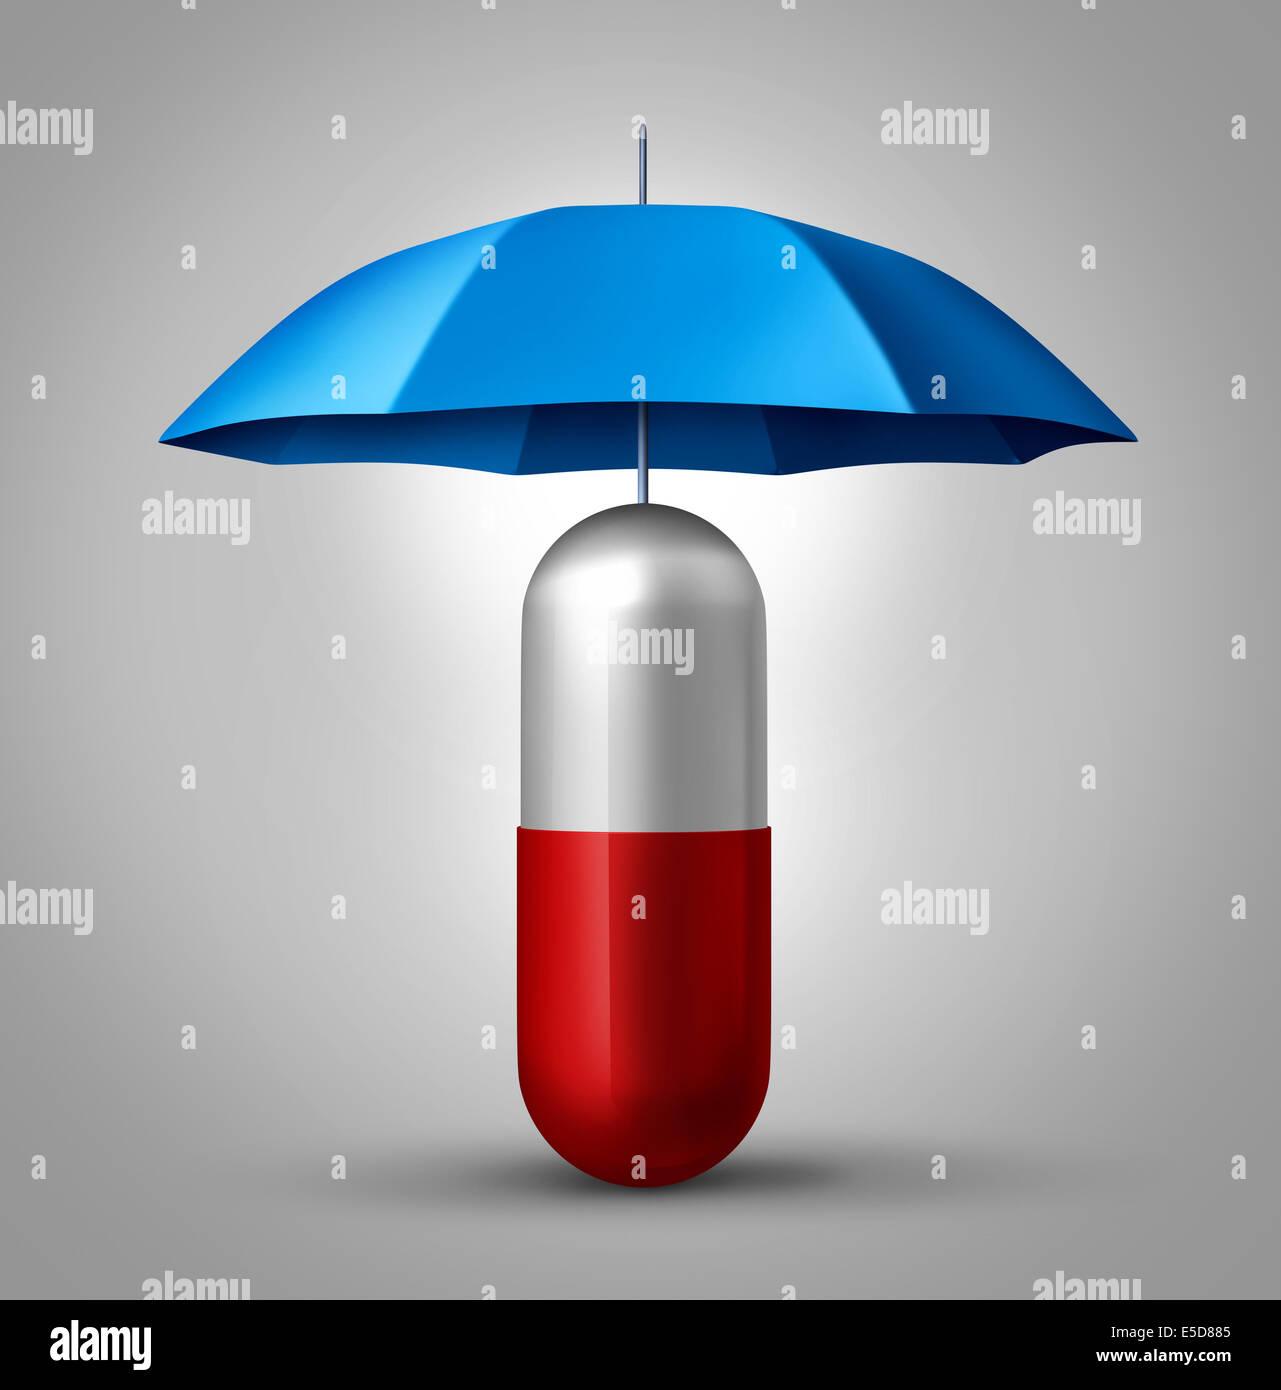 Protección de la medicina y la seguridad del fármaco concepto como un símbolo de cuidado de la salud Imagen De Stock